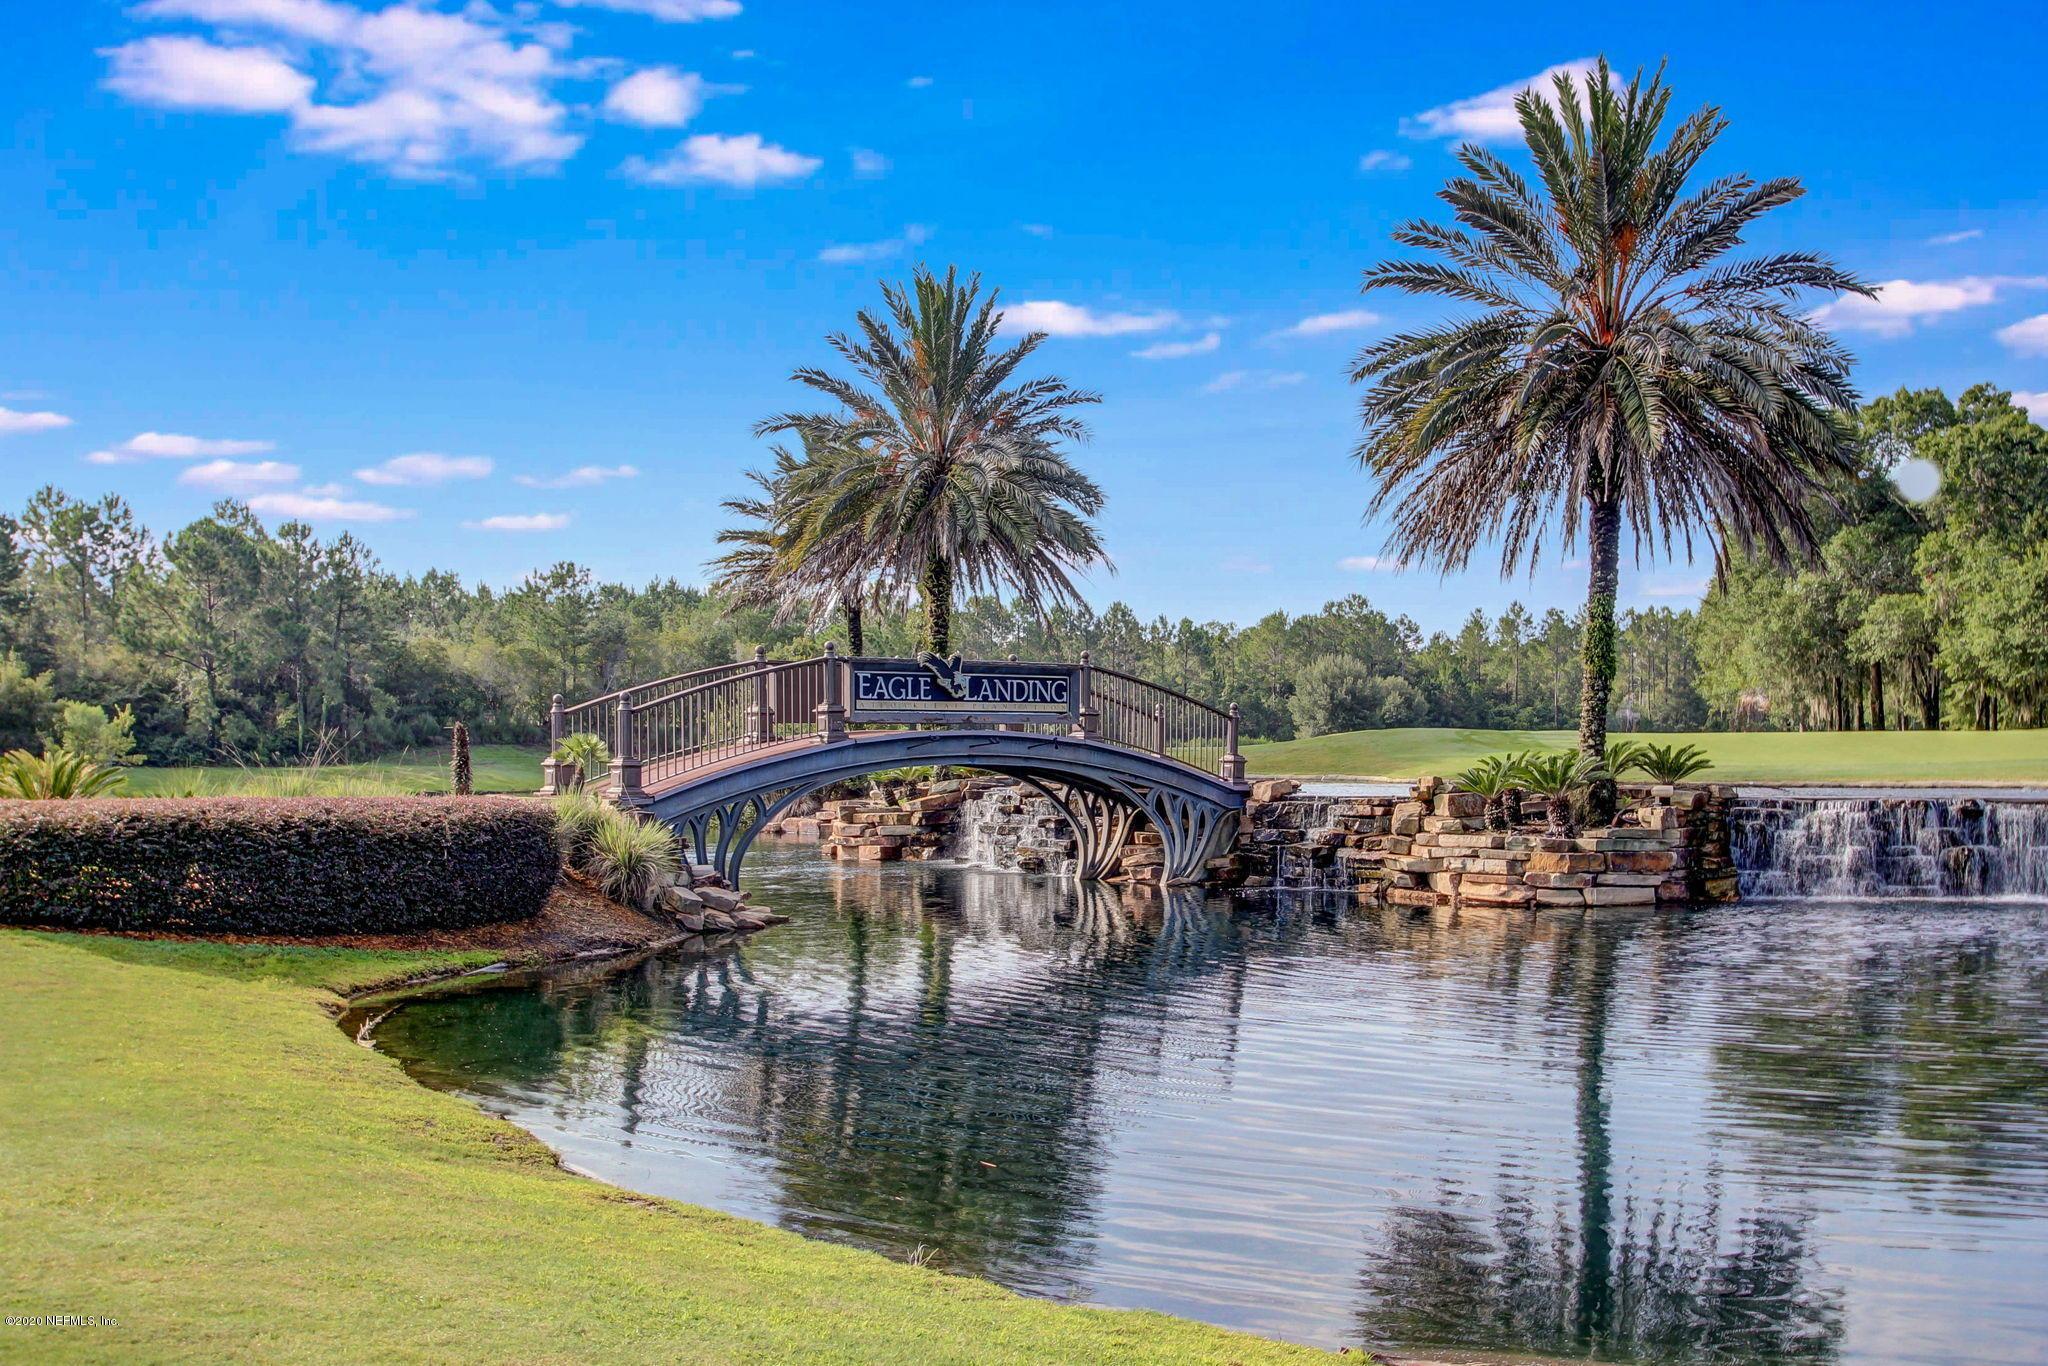 4117 EAGLE LANDING, ORANGE PARK, FLORIDA 32065, 5 Bedrooms Bedrooms, ,4 BathroomsBathrooms,Residential,For sale,EAGLE LANDING,1078457